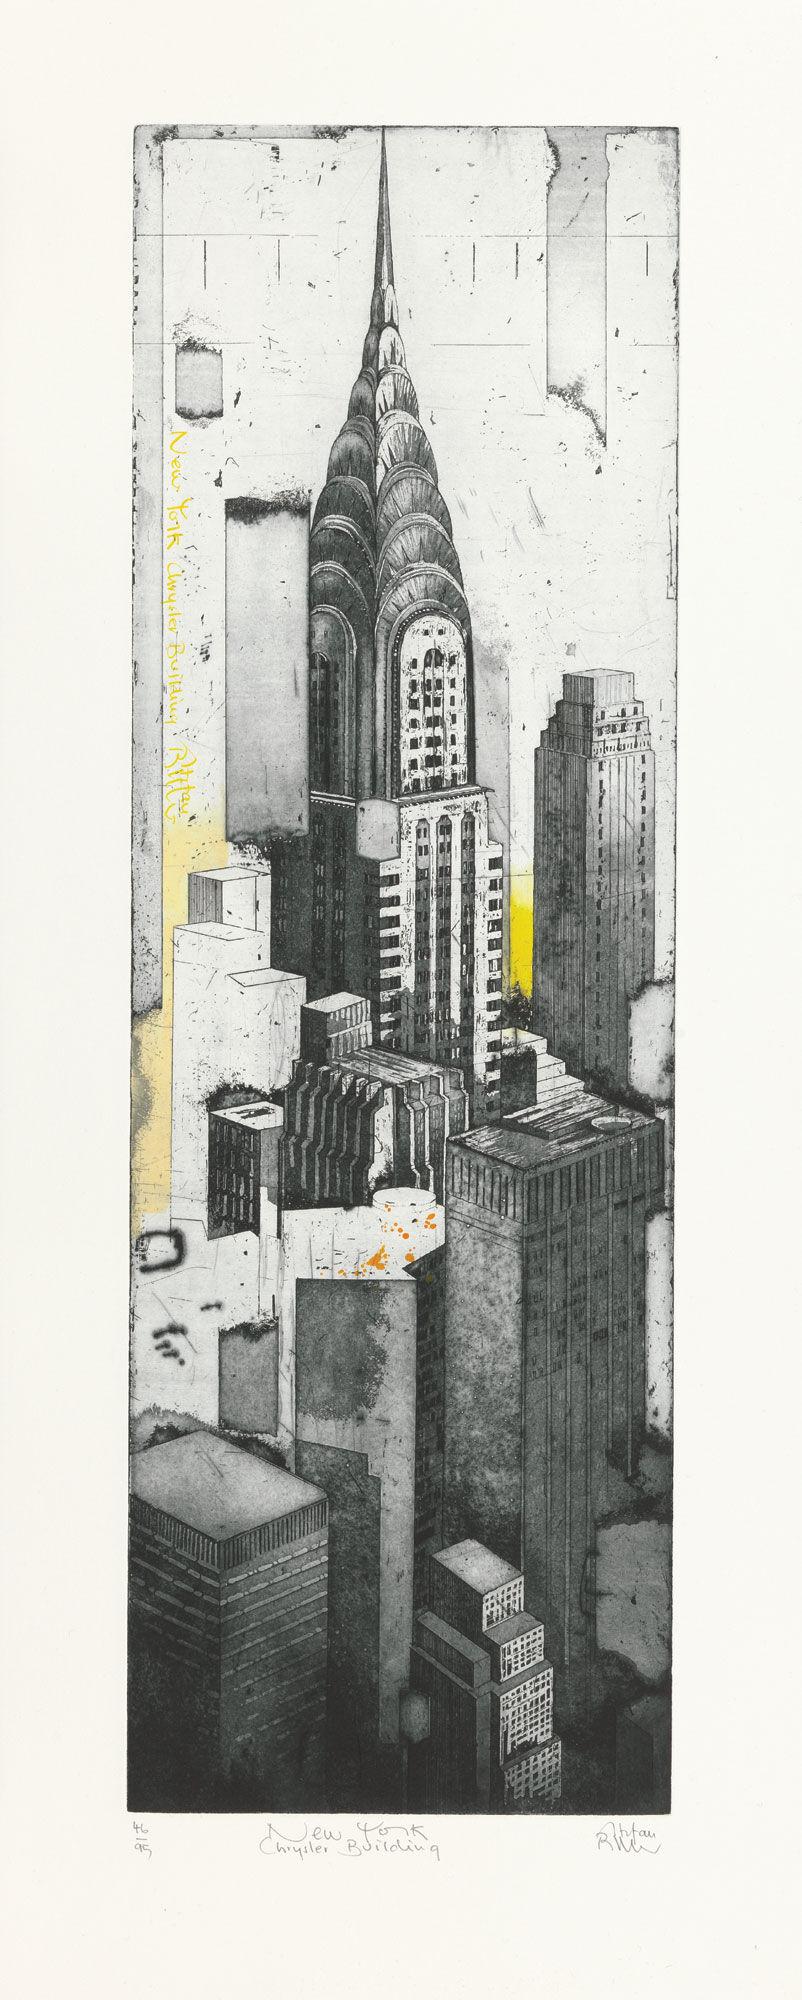 stefan becker bild new york chrysler building 2014 artes. Black Bedroom Furniture Sets. Home Design Ideas